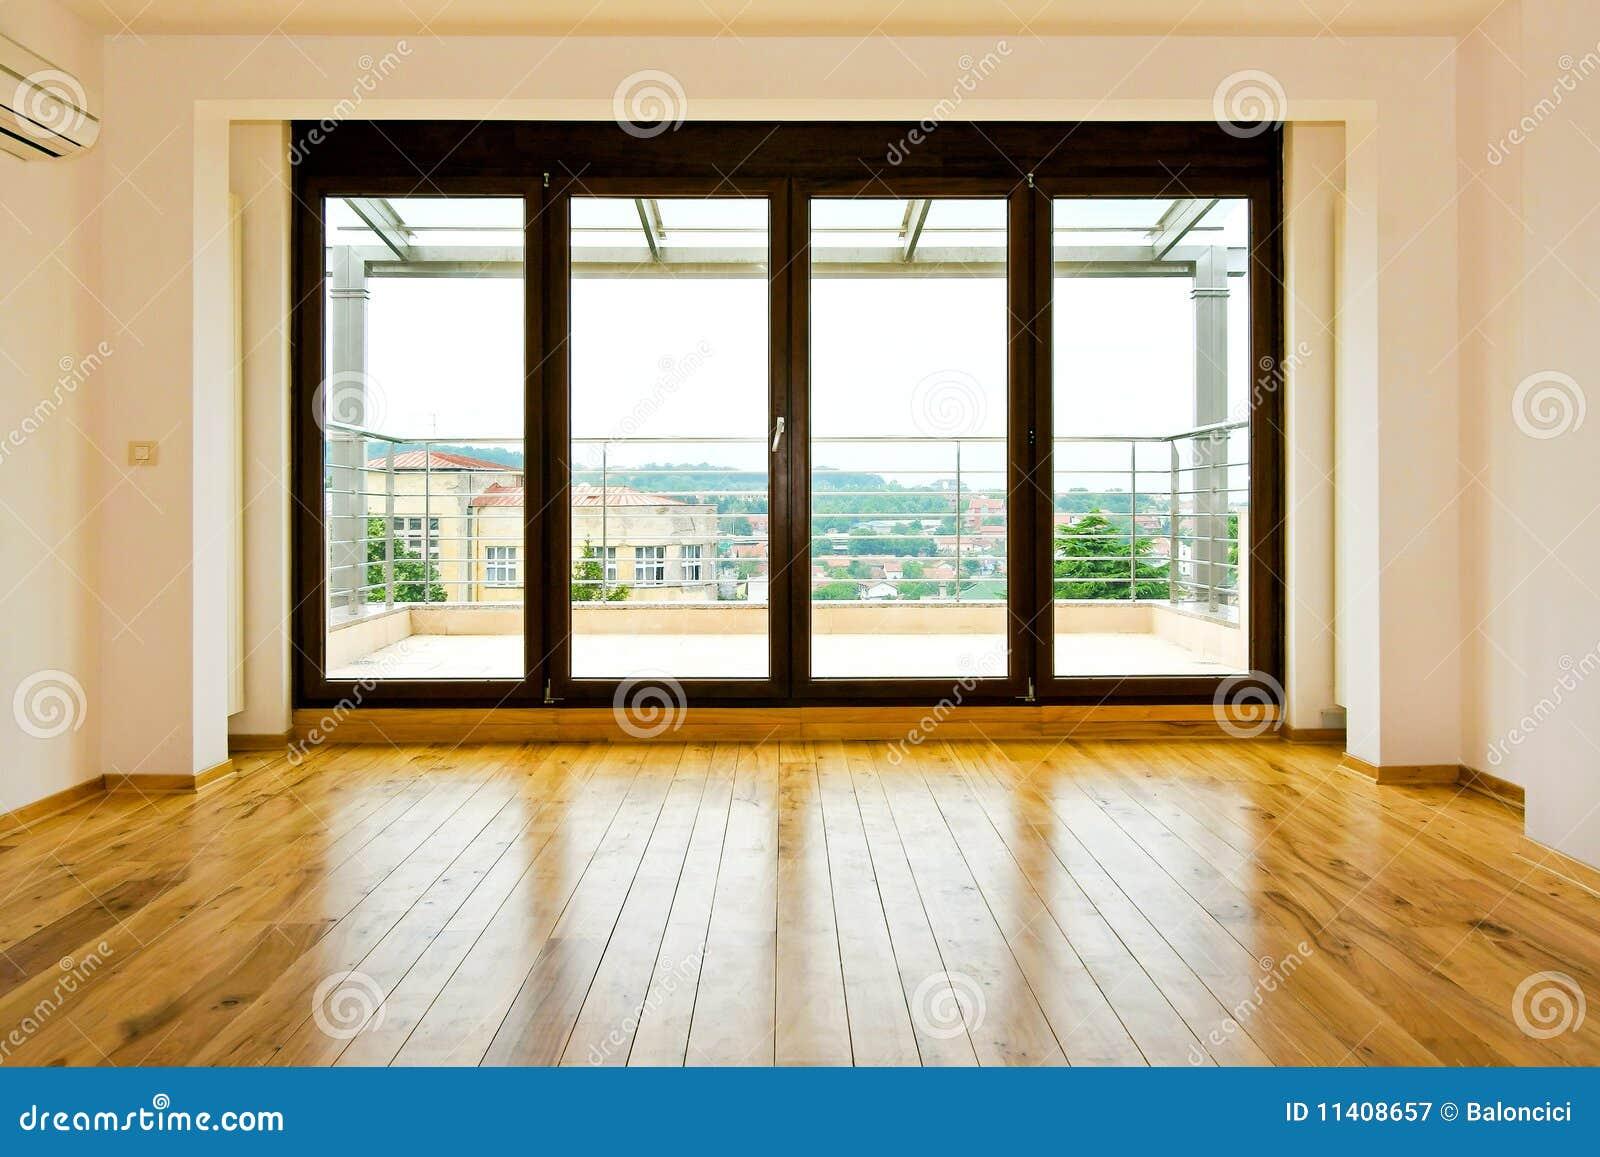 Cuatro puertas de cristal